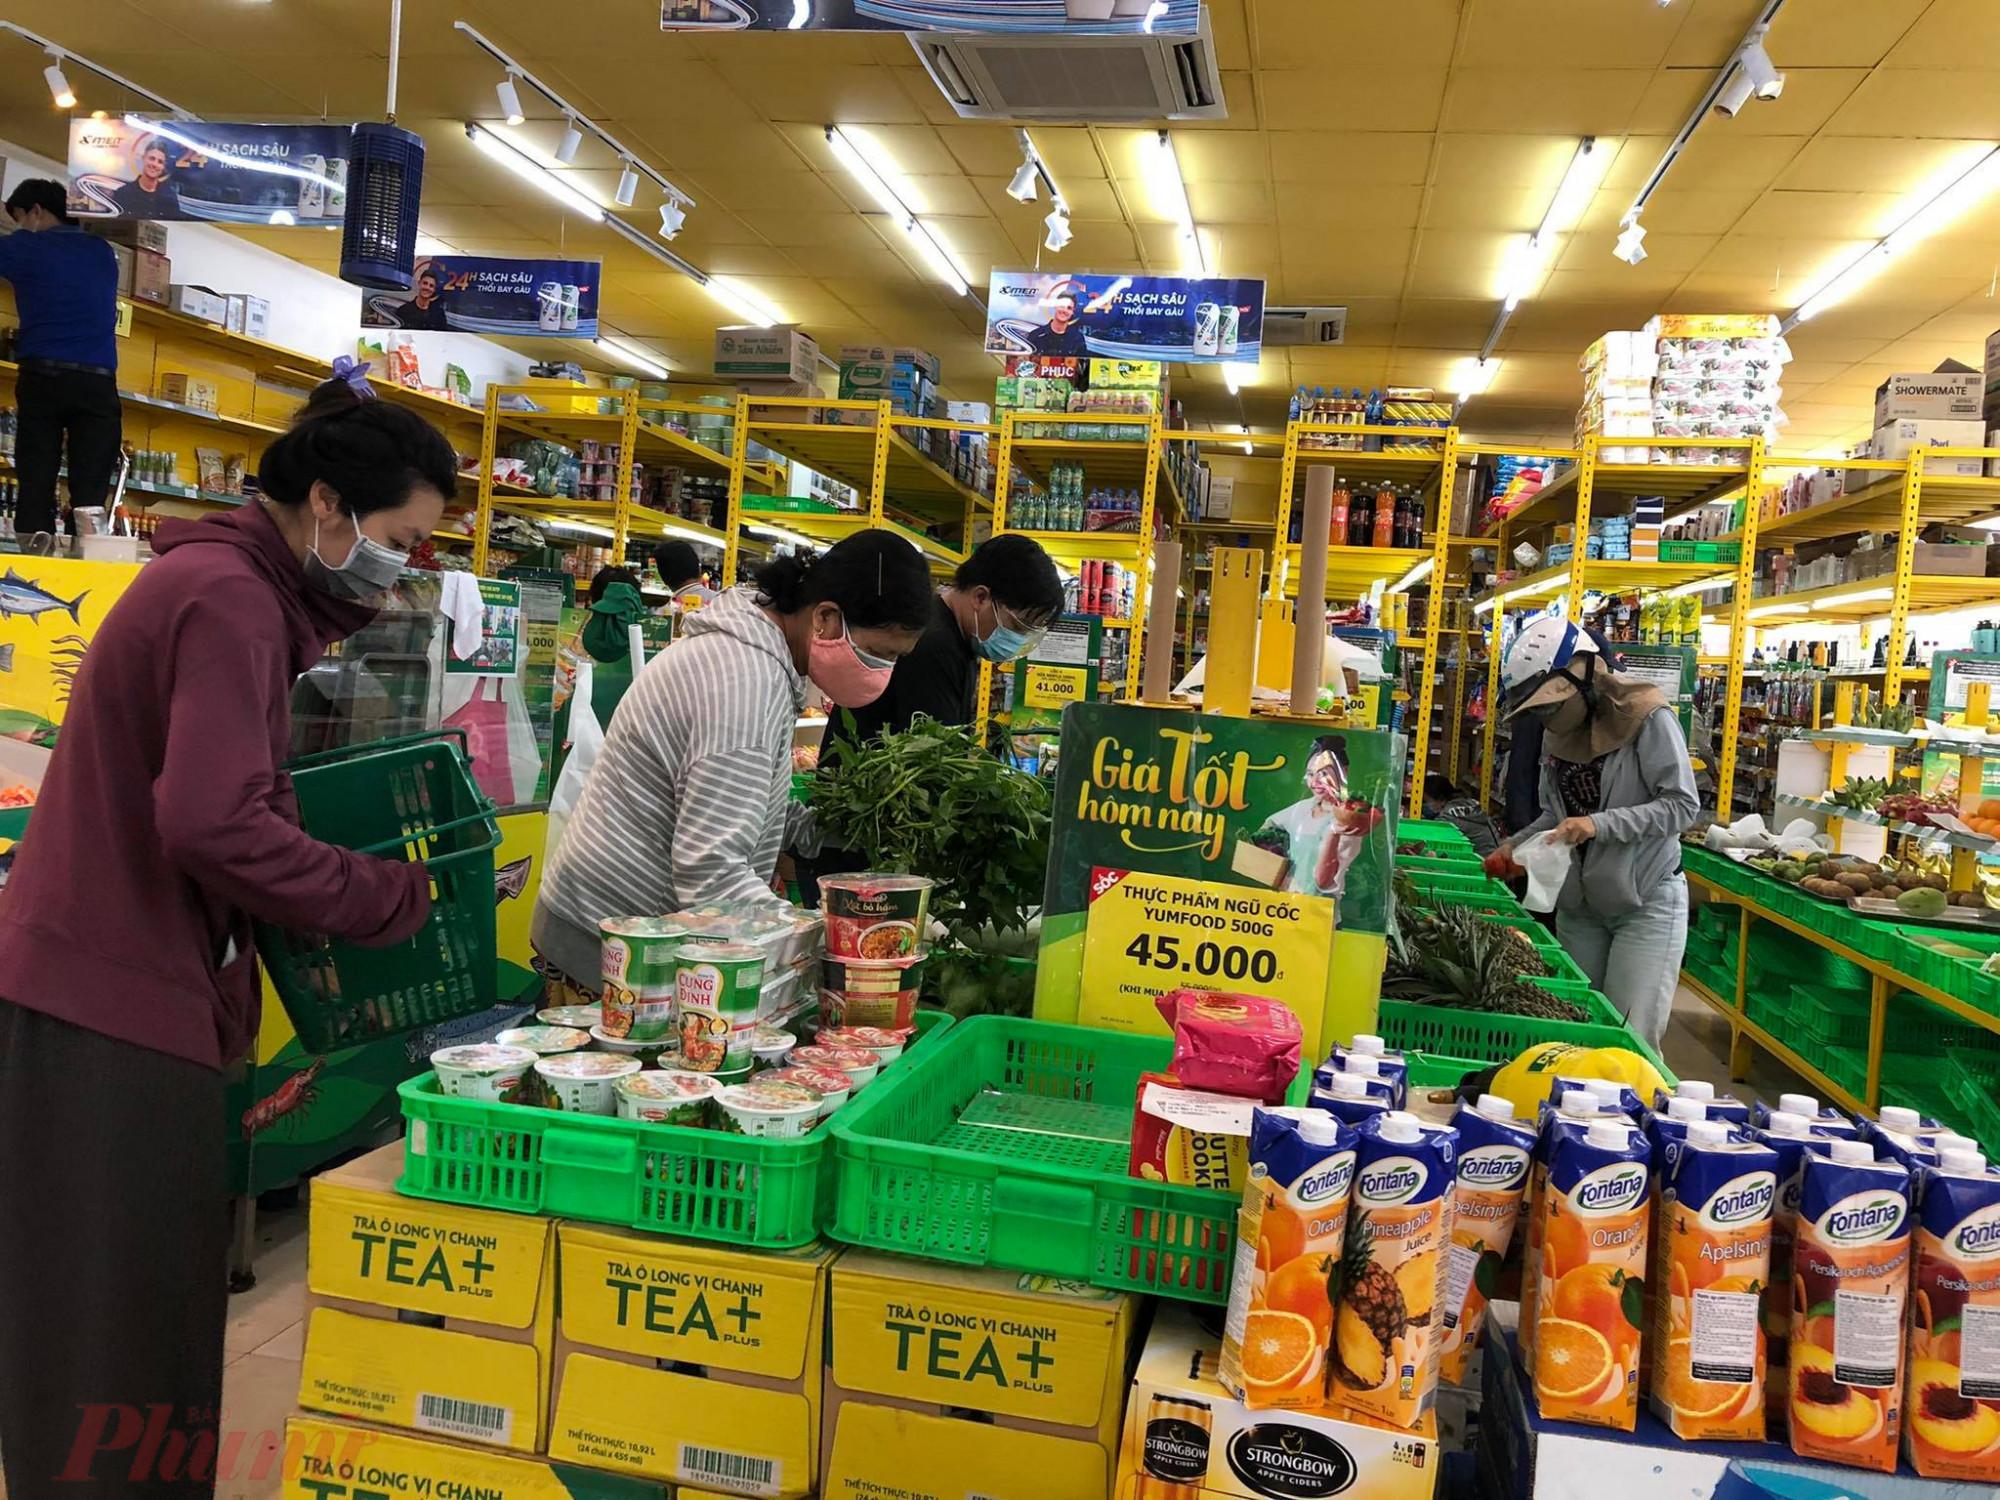 Bách hoá xanh tại Võ Thành Trang Tân Bình, mọi thứ như thịt, cá, tôm, mì… đã hết, chỉ còn các loại rau. Nhân viên nói 30 phút nữa sẽ có thịt heo. Chiều chút sẽ có đủ hàng hoá các loại khác